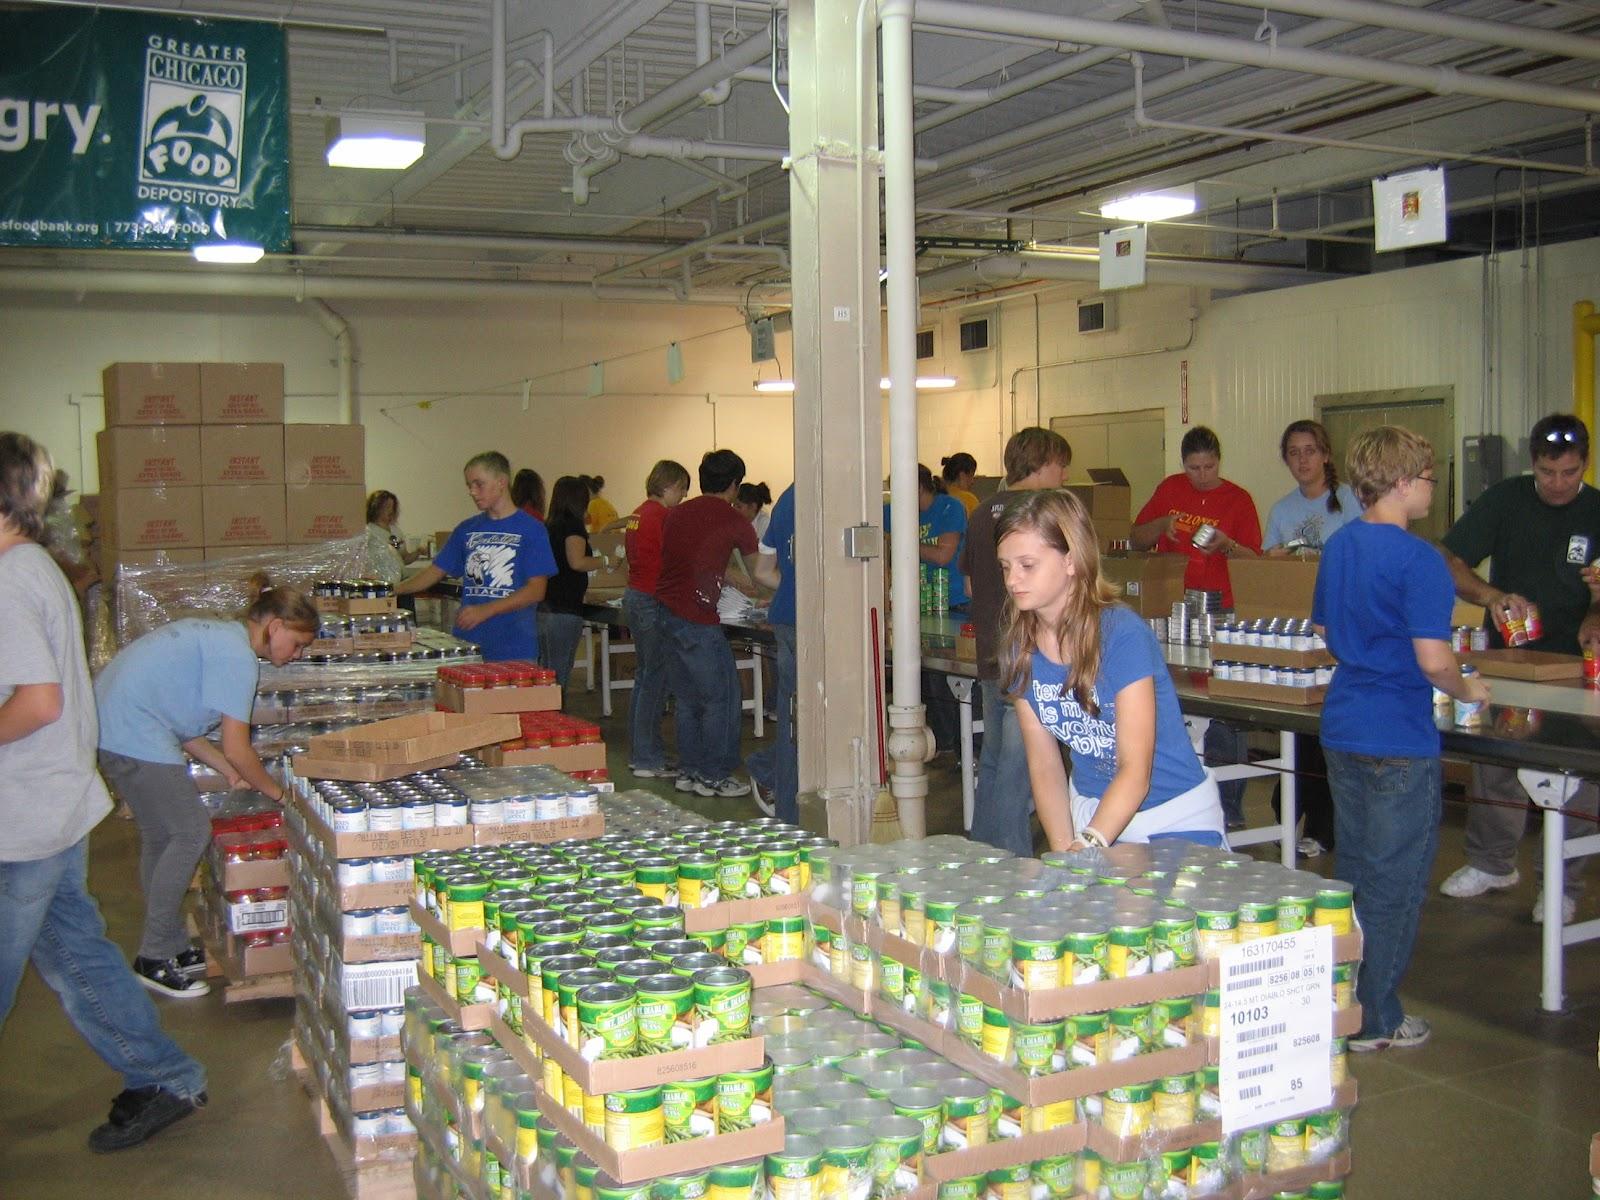 Chicago Food Bank Hunger Walk